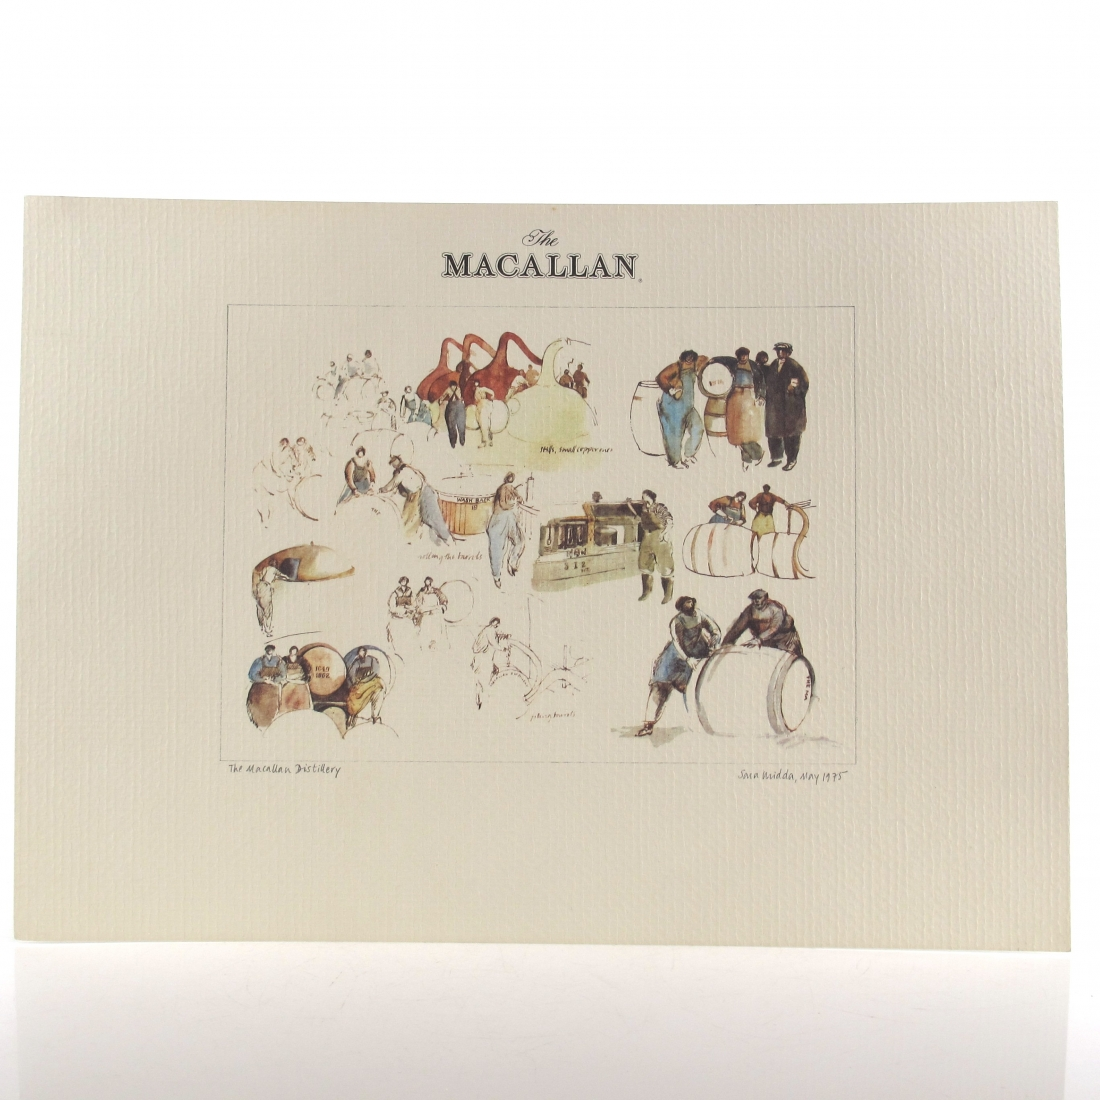 Macallan Sara Midda 1975 Watercolours Print